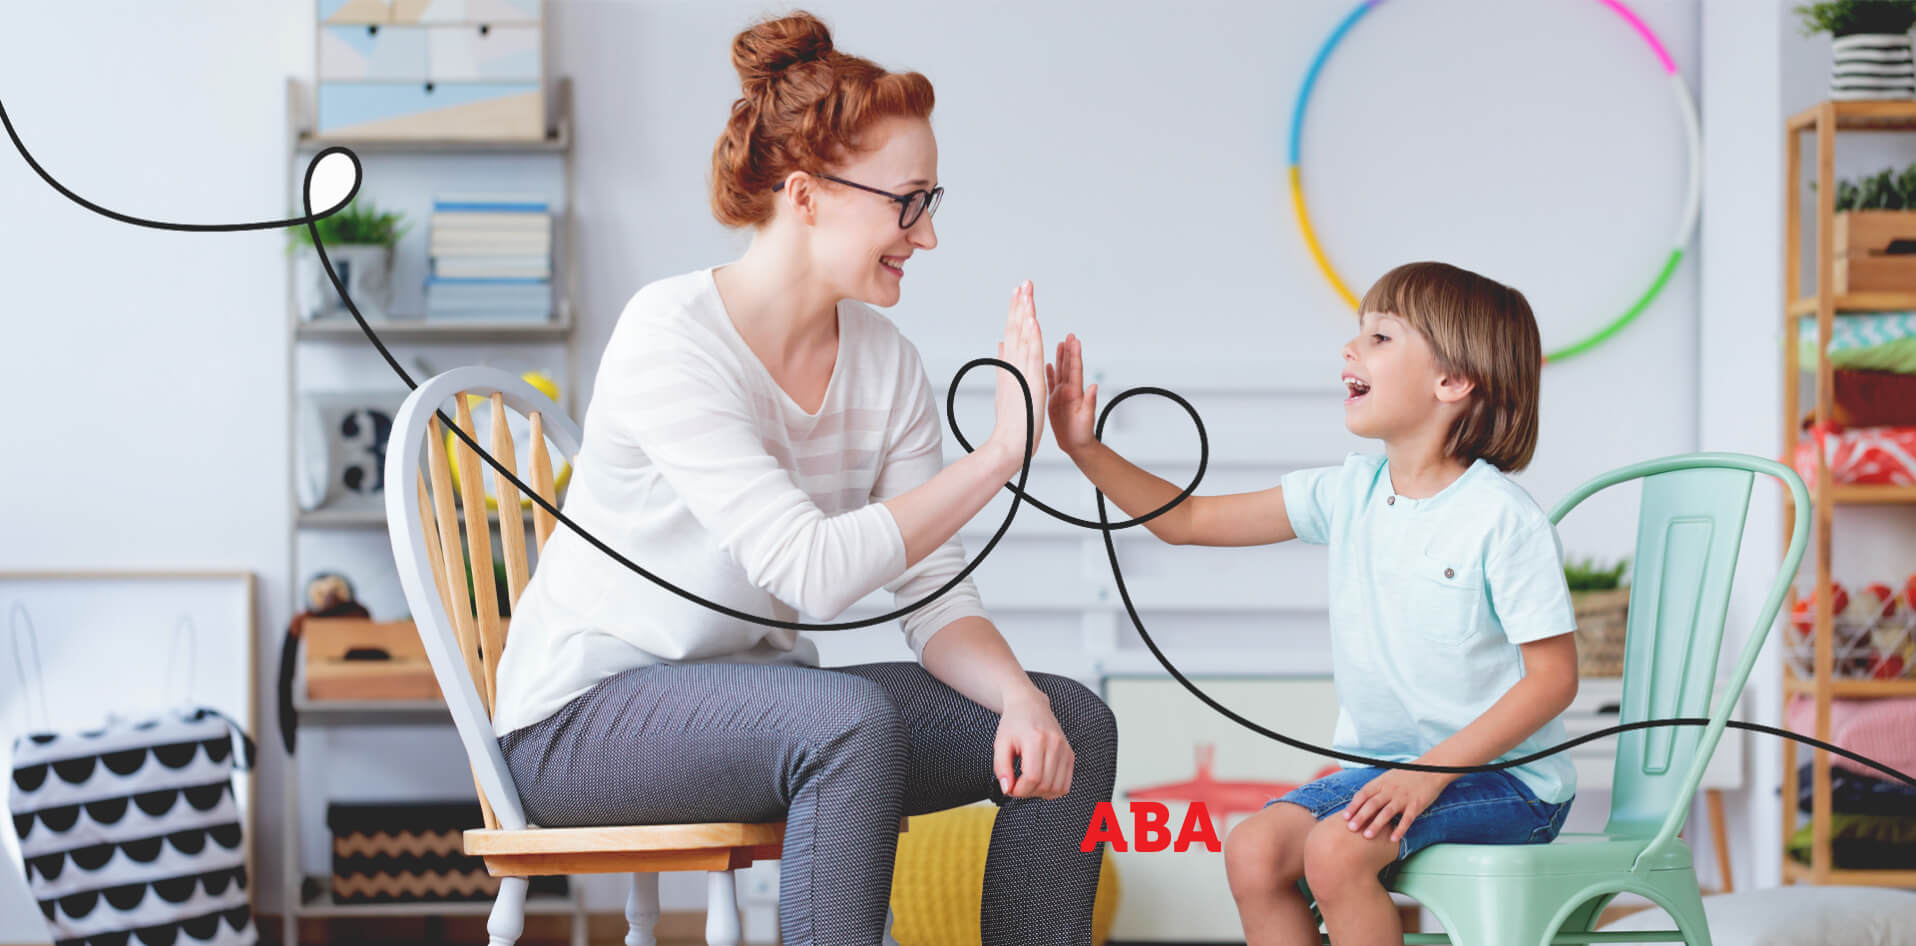 ABA_tratamento_autismo